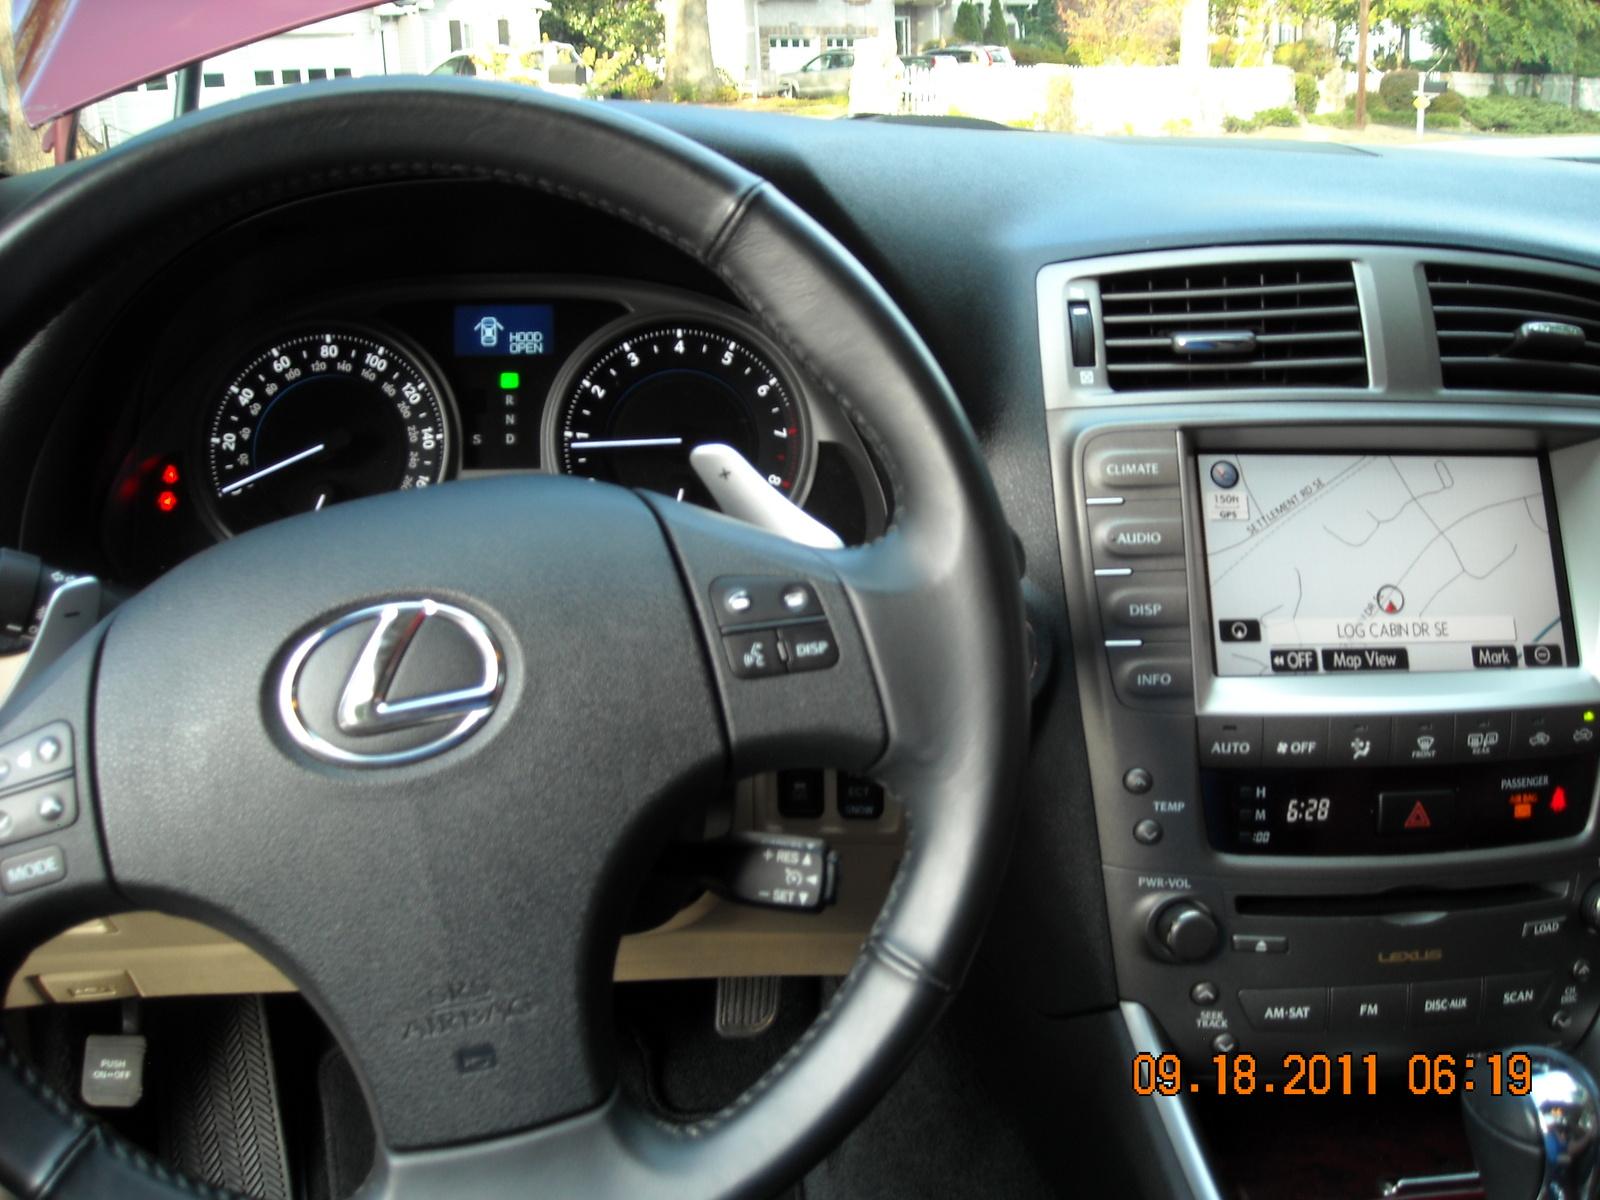 2008 Lexus IS 250 Interior Pictures CarGurus